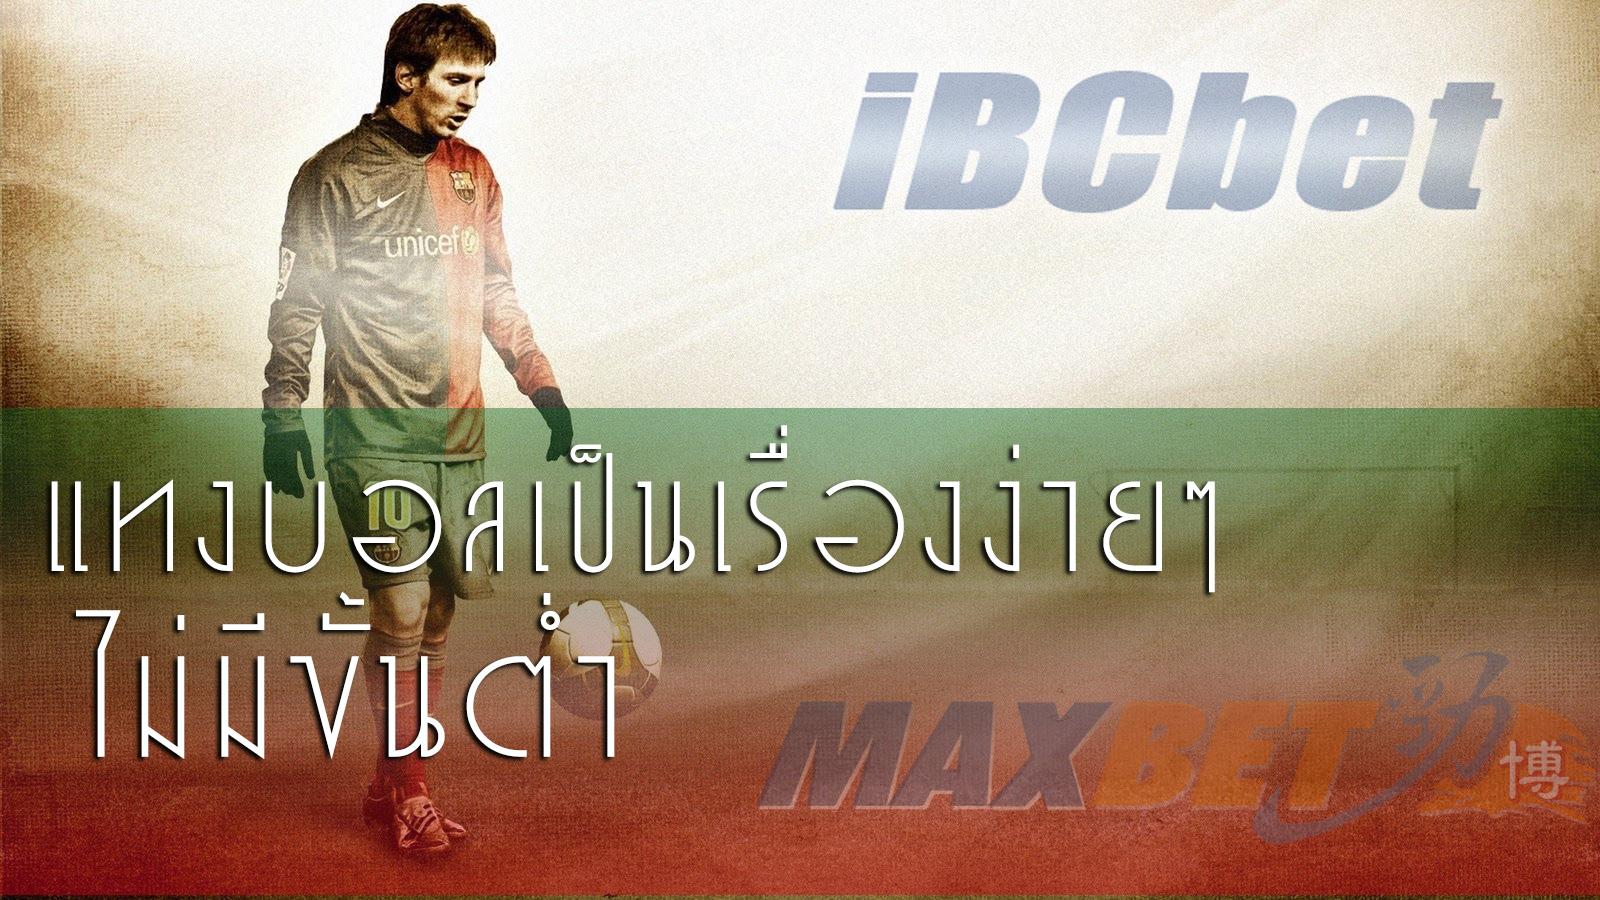 maxbet-ibc